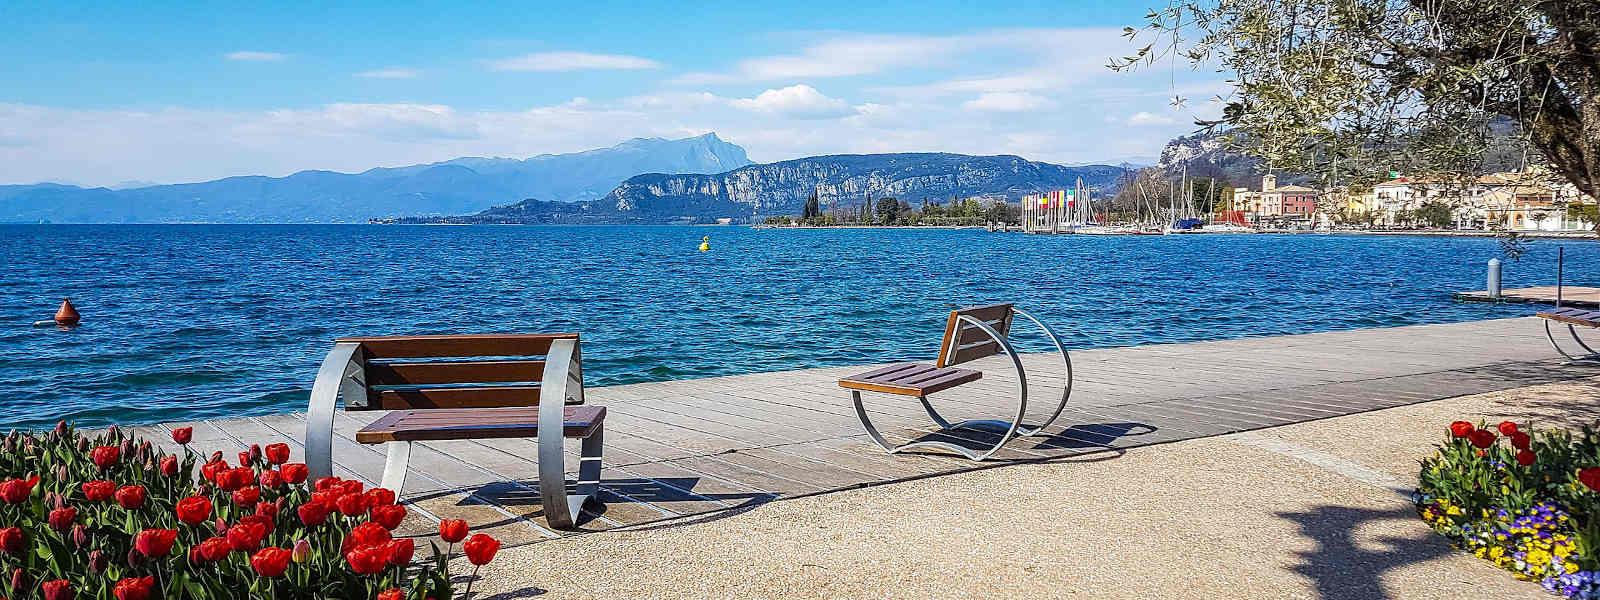 Appartamenti Lago di Garda vendita con reddito garantito 3% netto